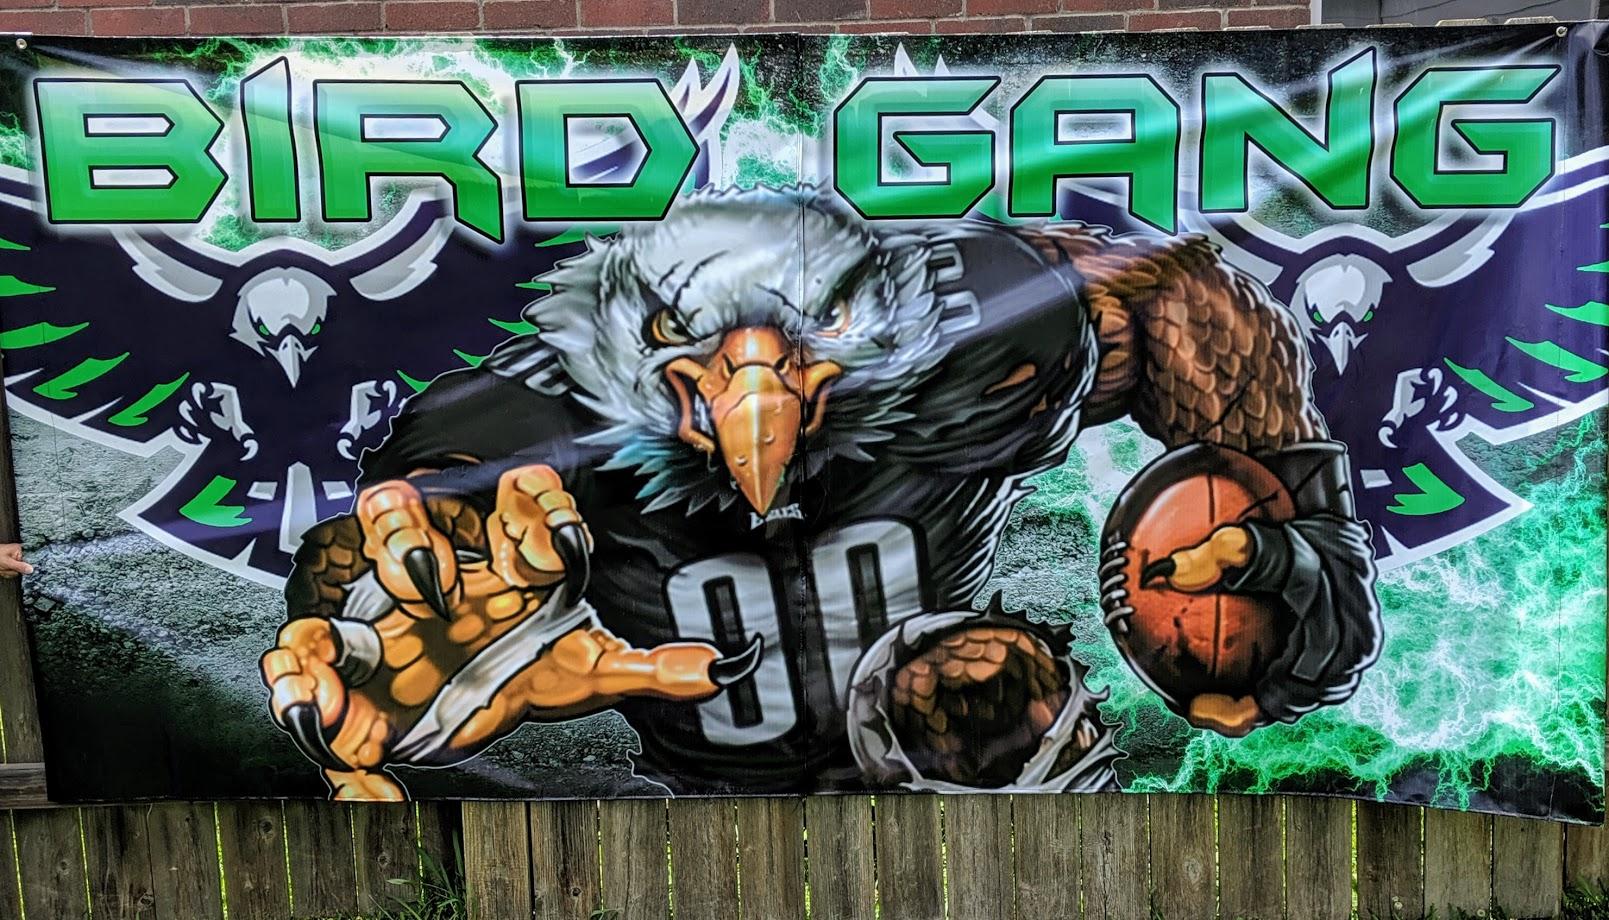 BIRD GANG GREEN